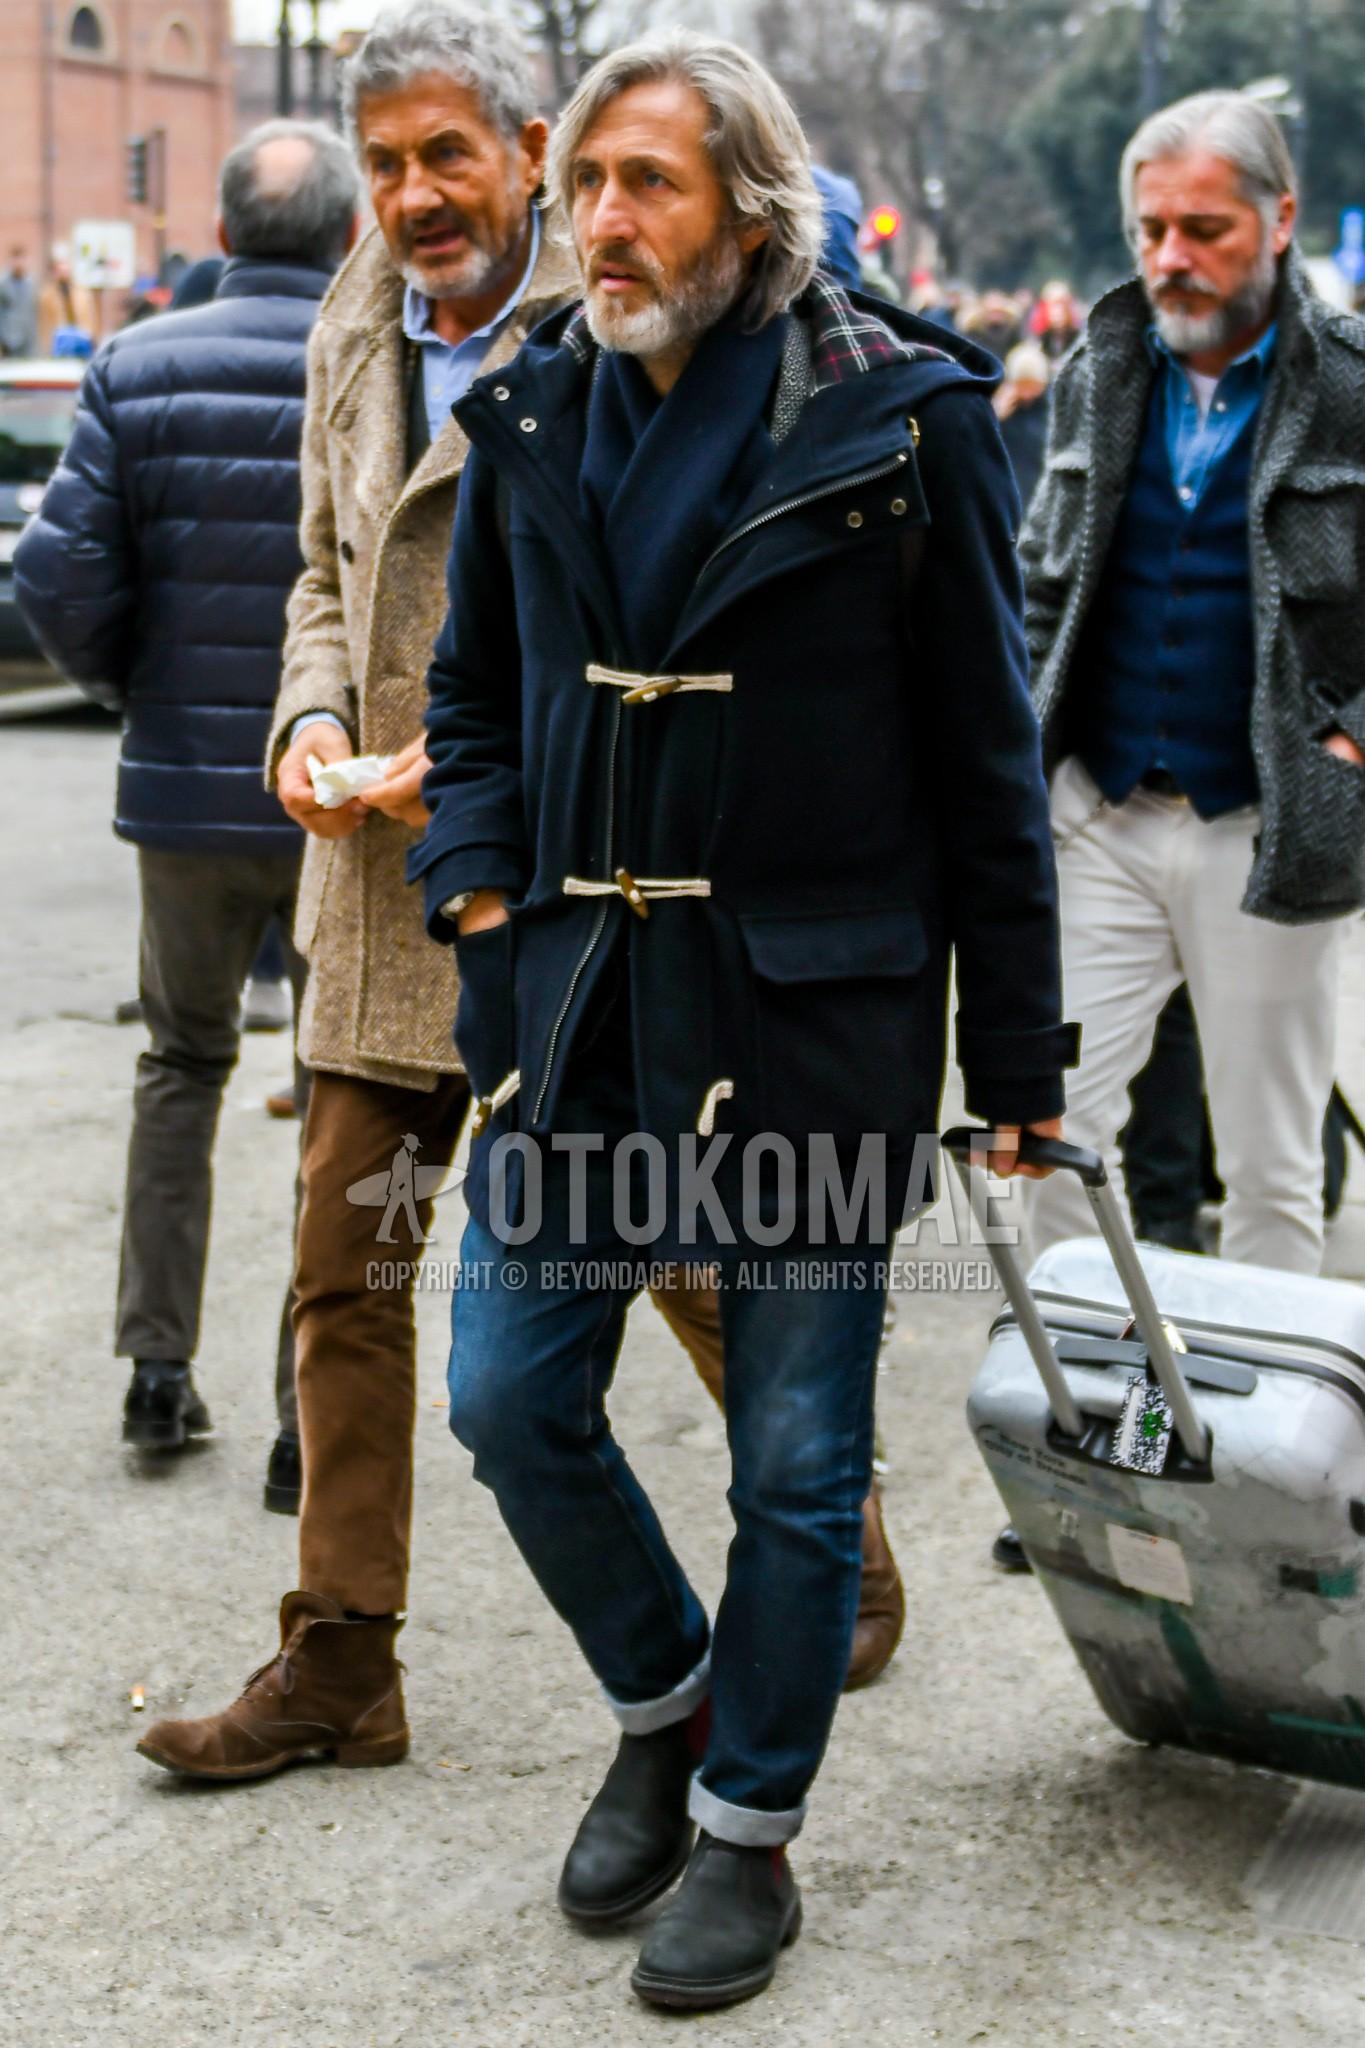 ネイビー無地のマフラー/ストール、ネイビー無地のダッフルコート、ネイビー無地のデニム/ジーンズ、ダークグレーサイドゴアのブーツを合わせた冬のメンズコーデ・着こなし。